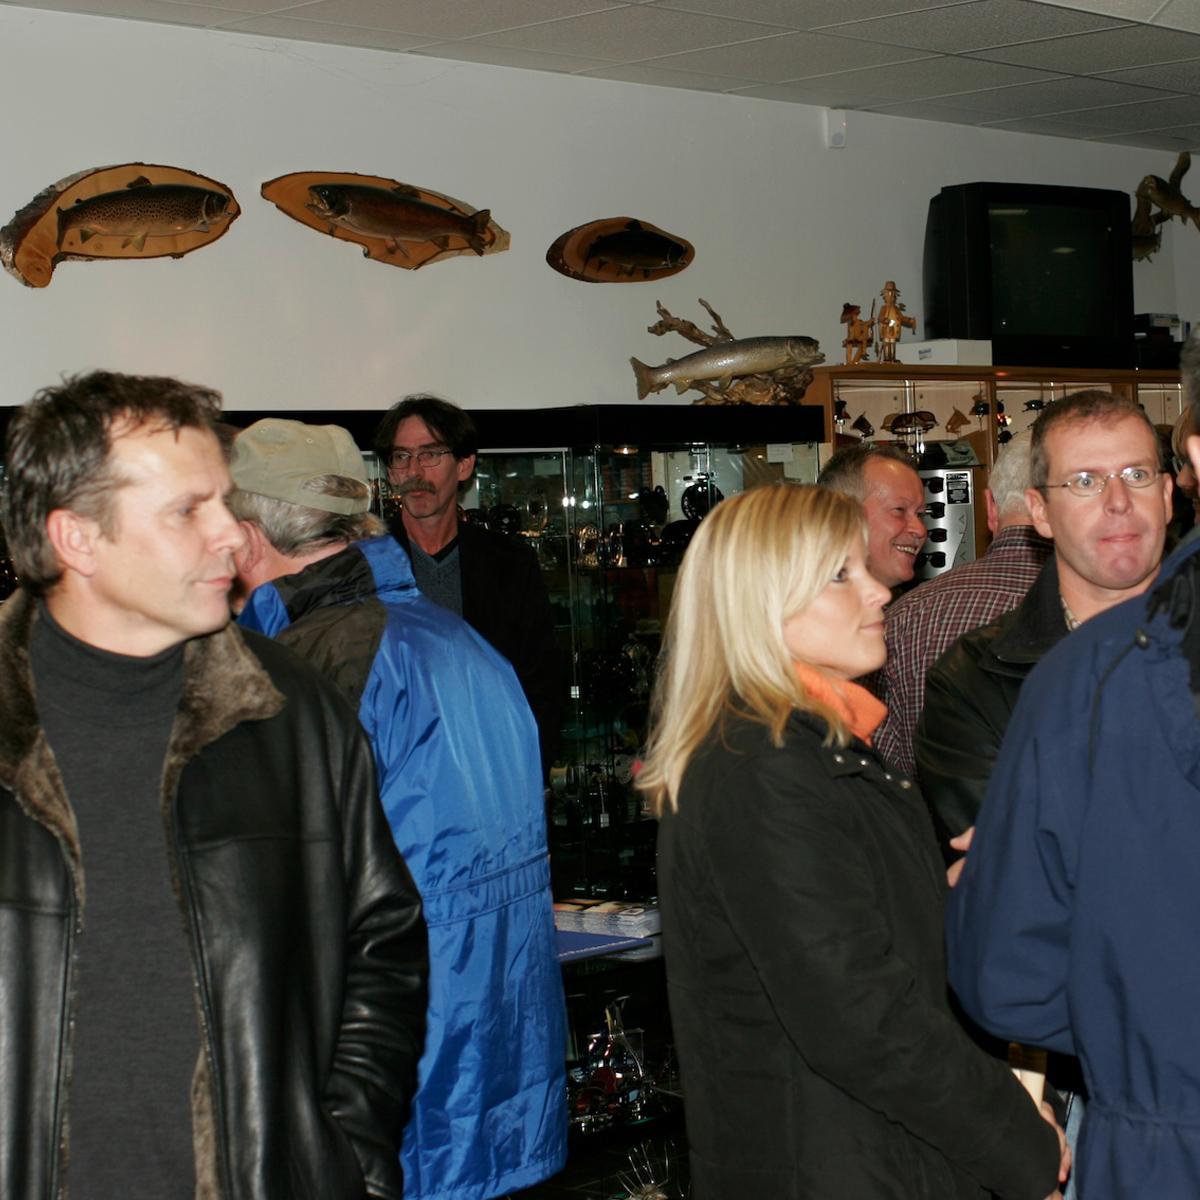 Frank Moebus zu Gast bei Flyfishing Europe